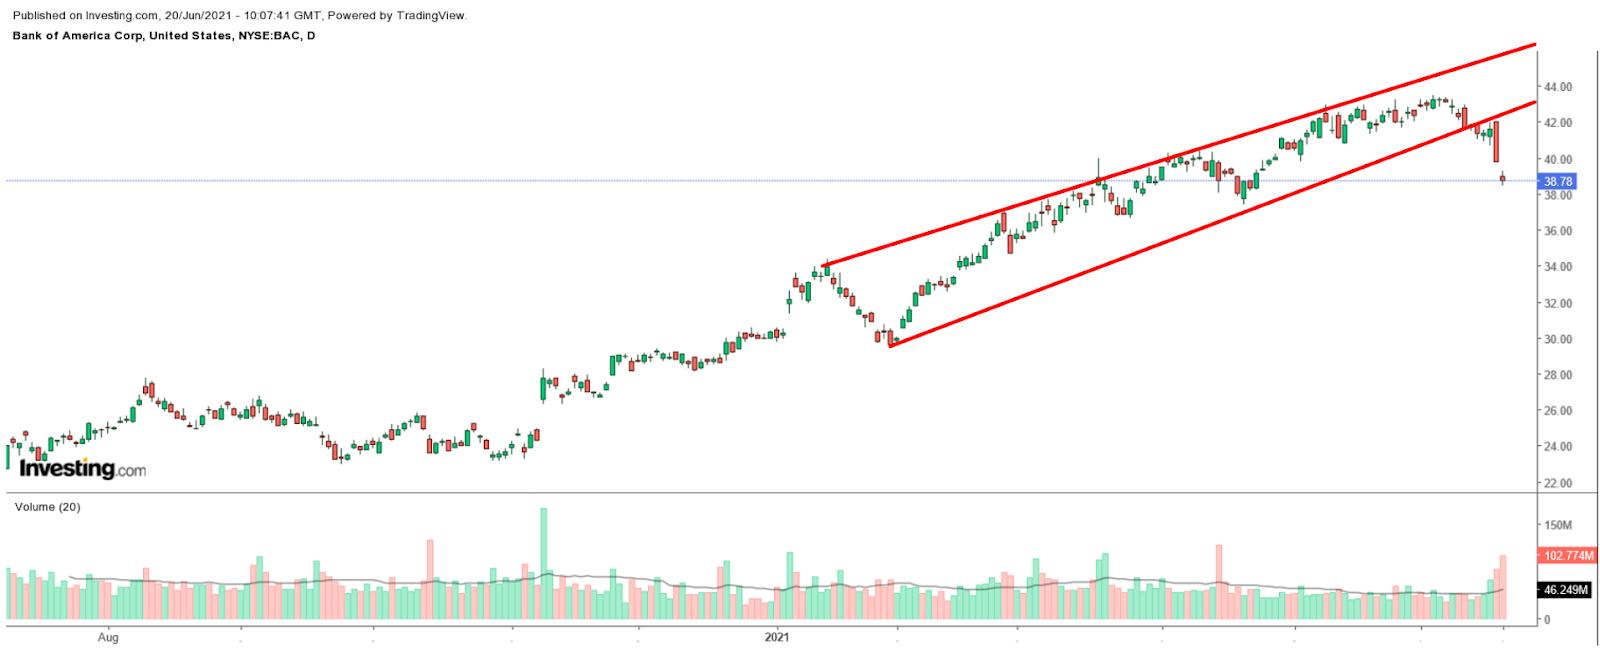 الرسم البياني للأسهم الأمريكية